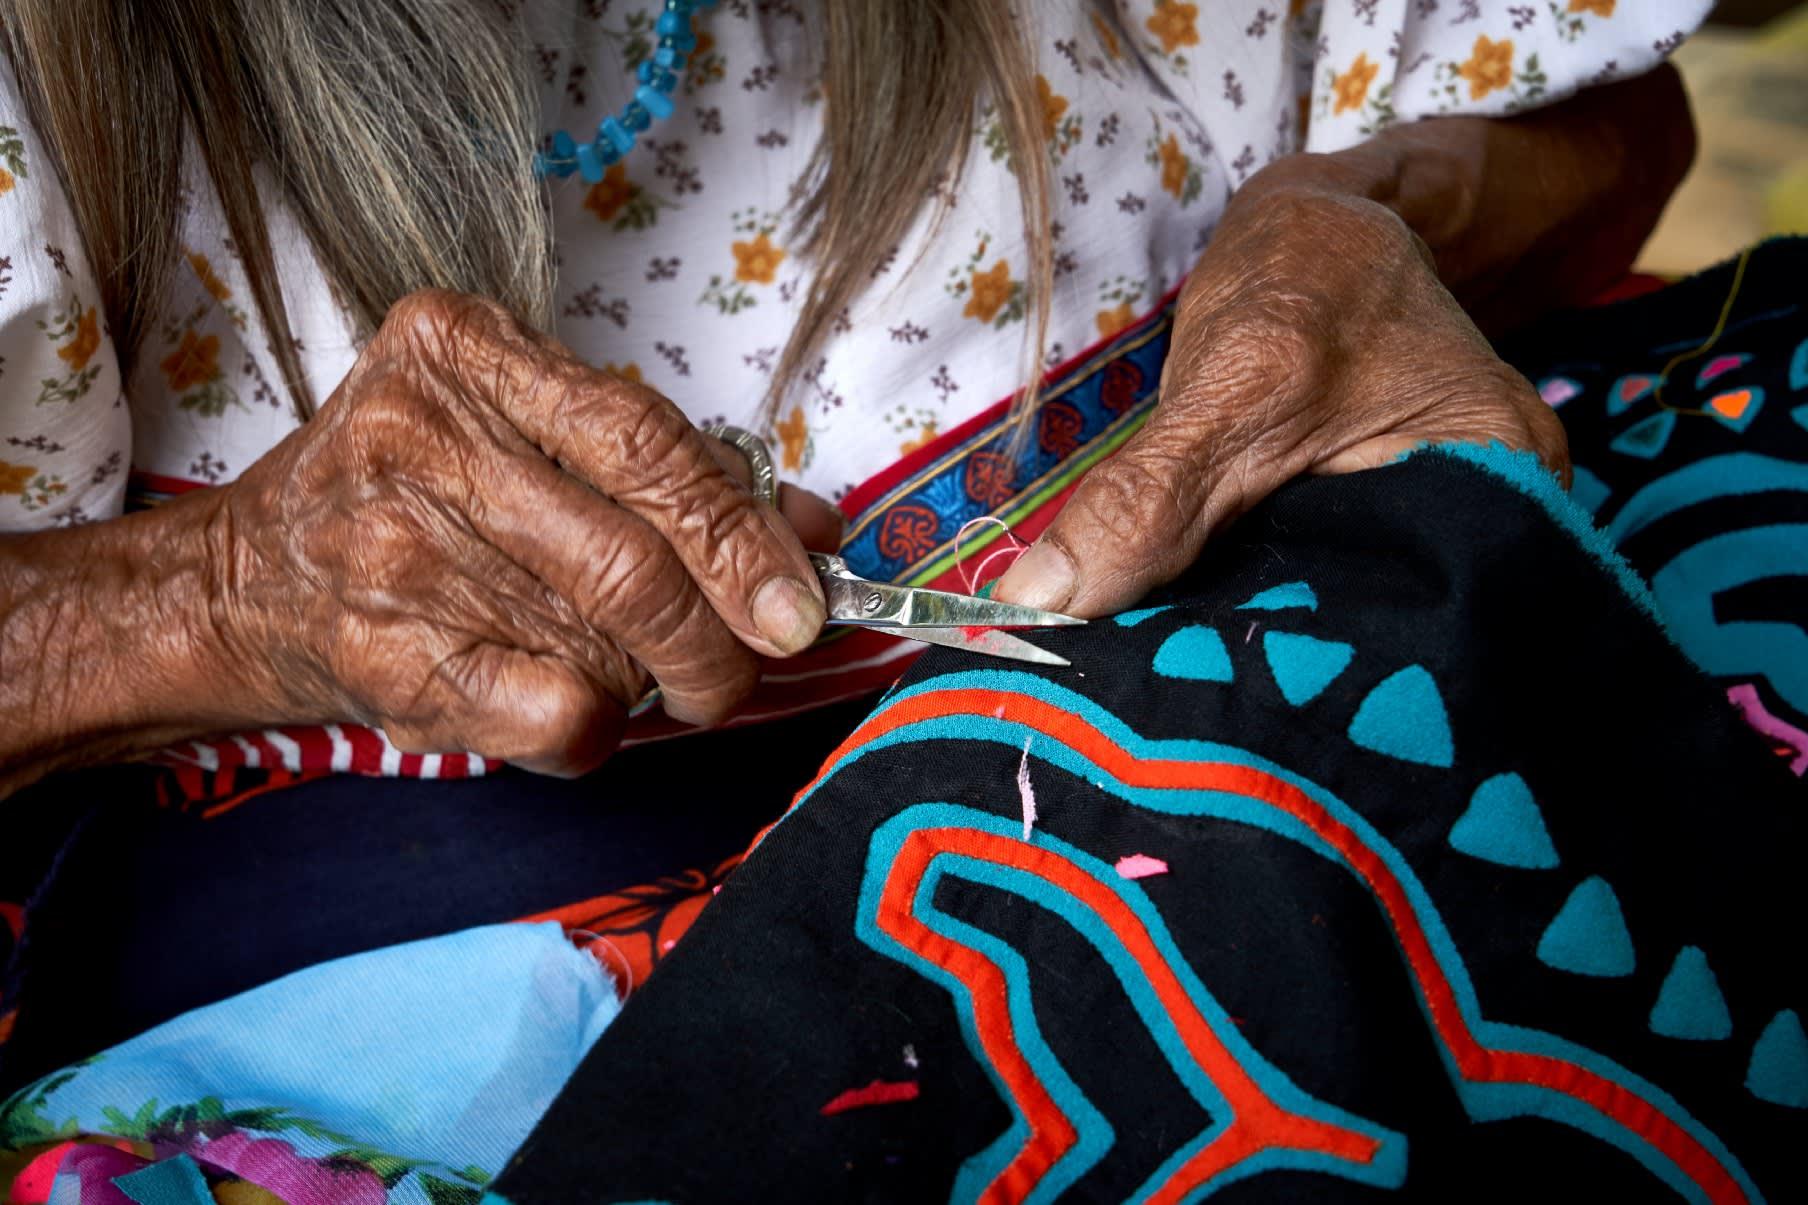 Miguelina tejiendo